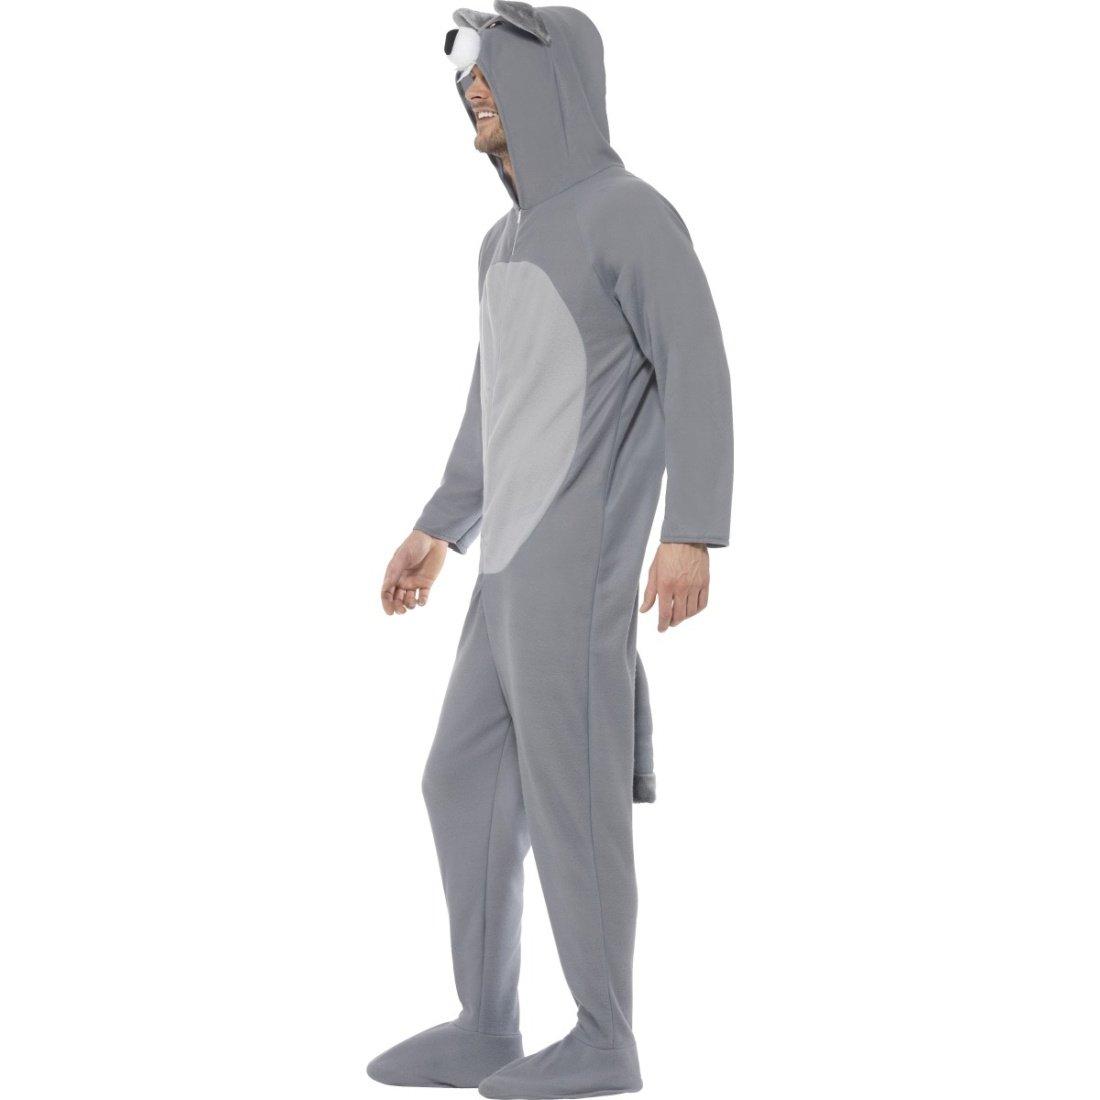 Grau-weißes Wolfkostüm Jumpsuit Wolf L Ganzkörperkostüm Tierkostüm Wolfsfell